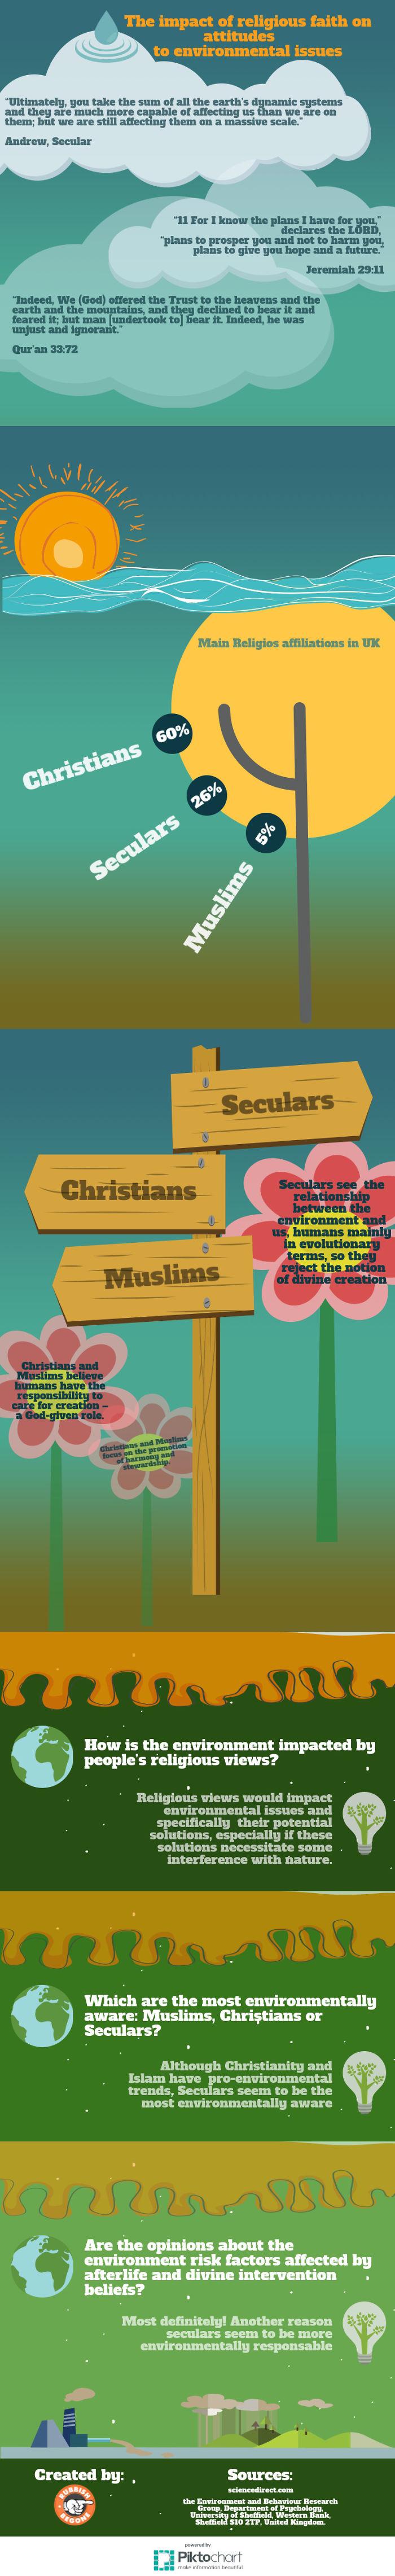 The Impact Of Religious Faith On Attitudes To Environmental Issues